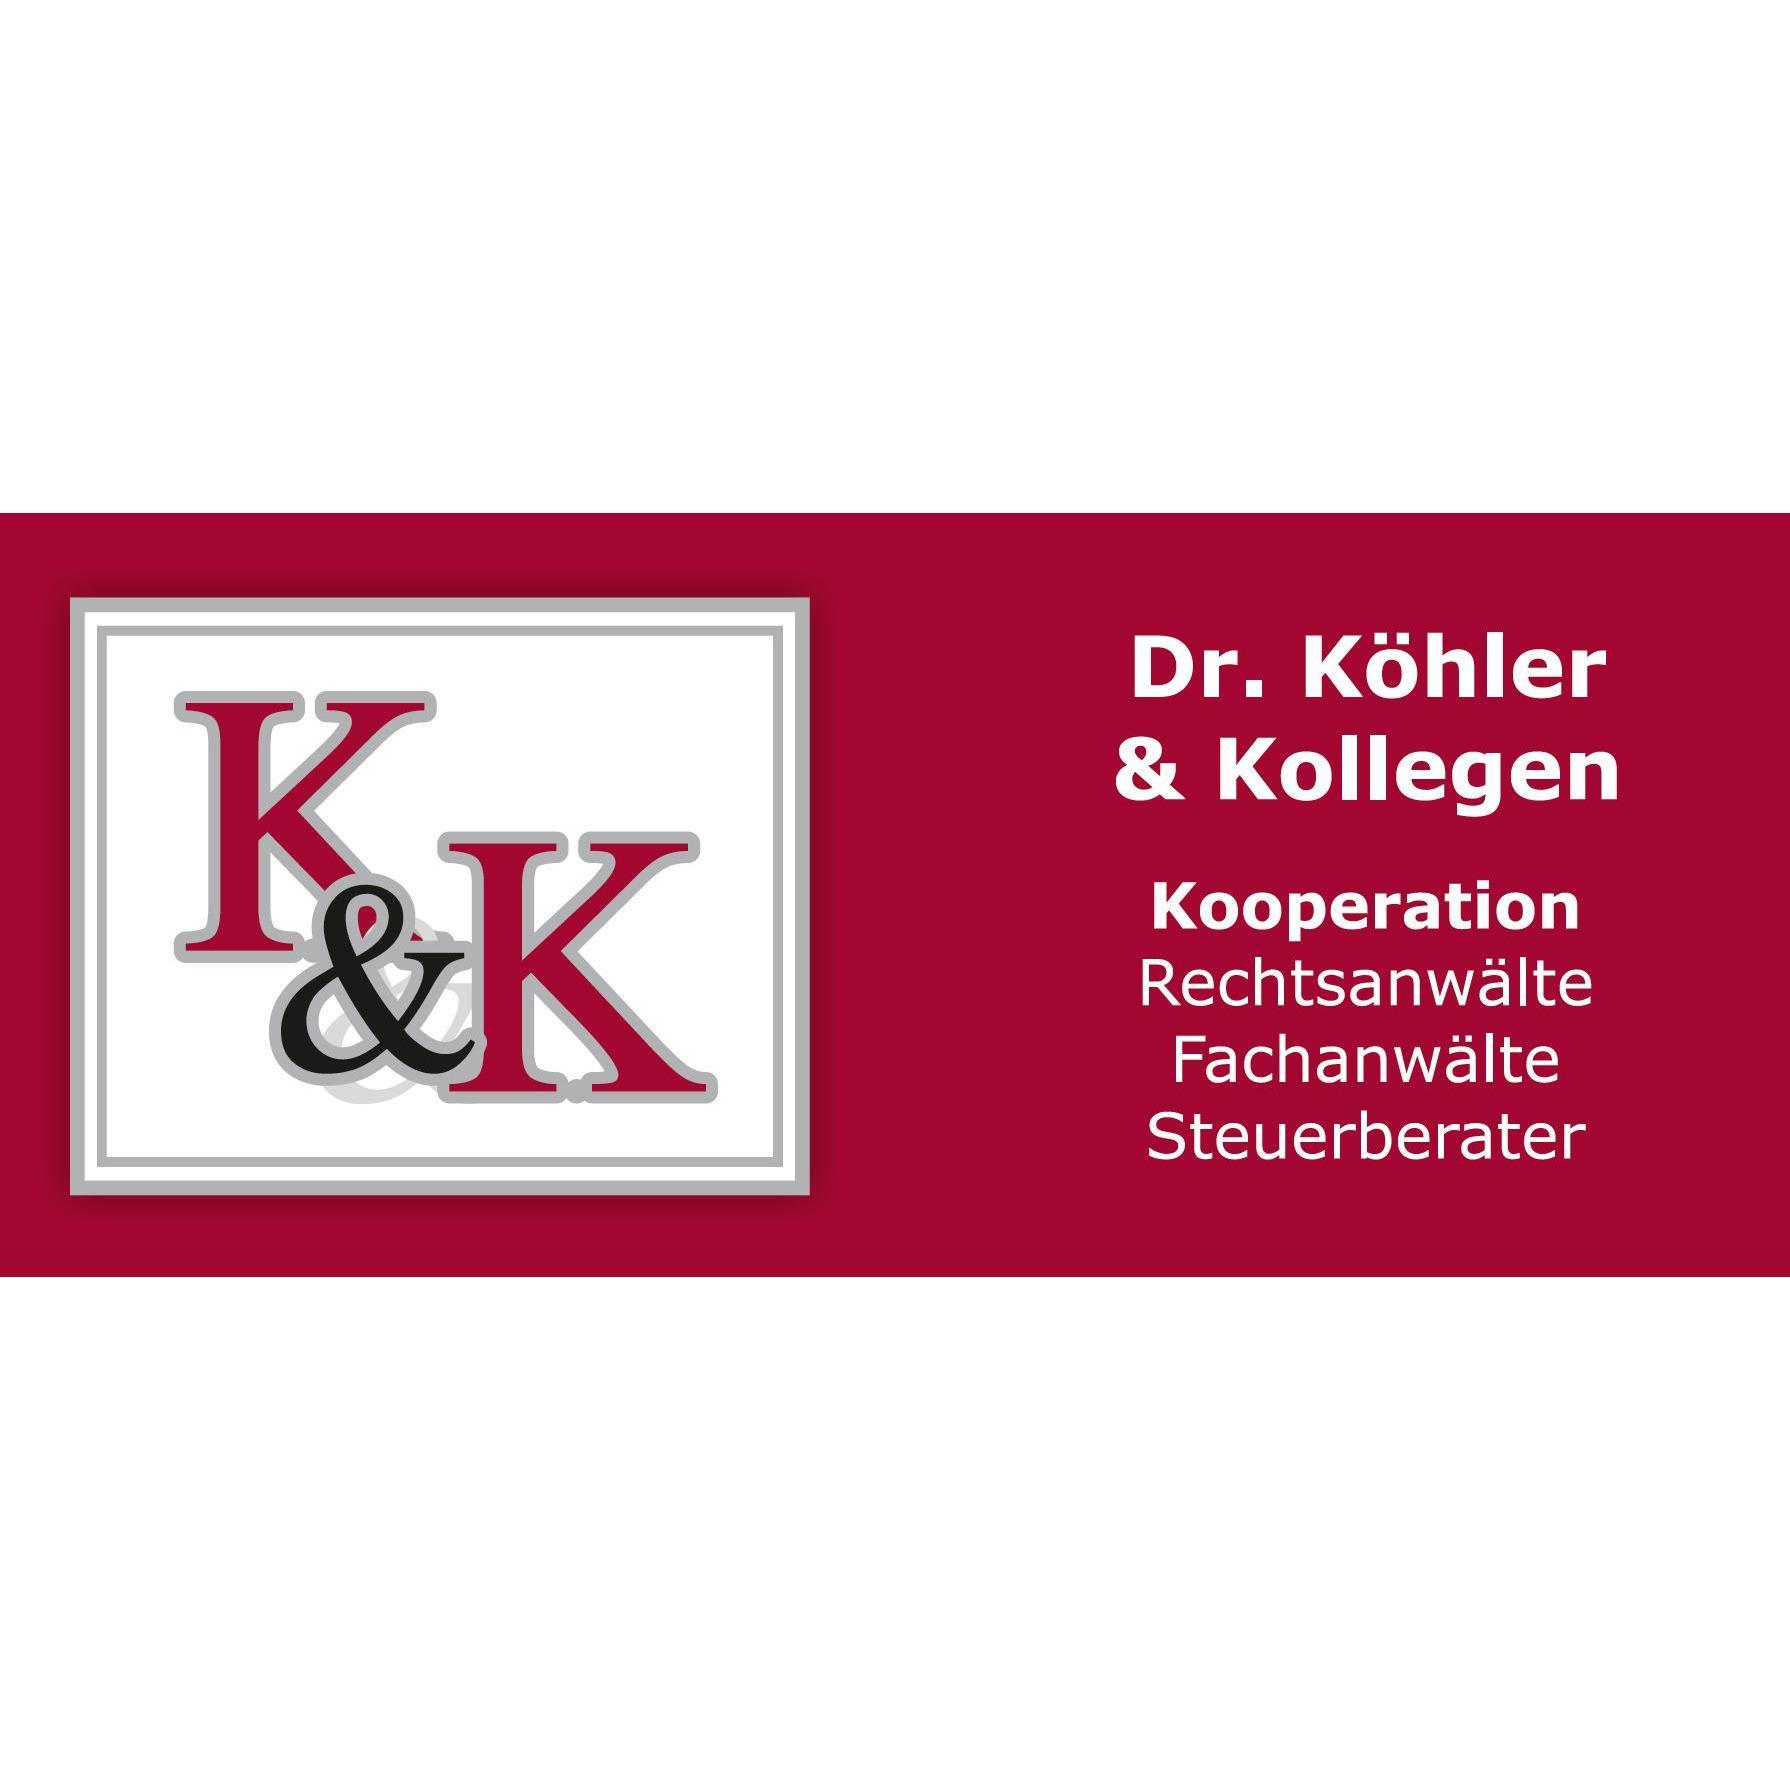 Logo von Dr. Köhler & Kollegen, Rechtsanwälte